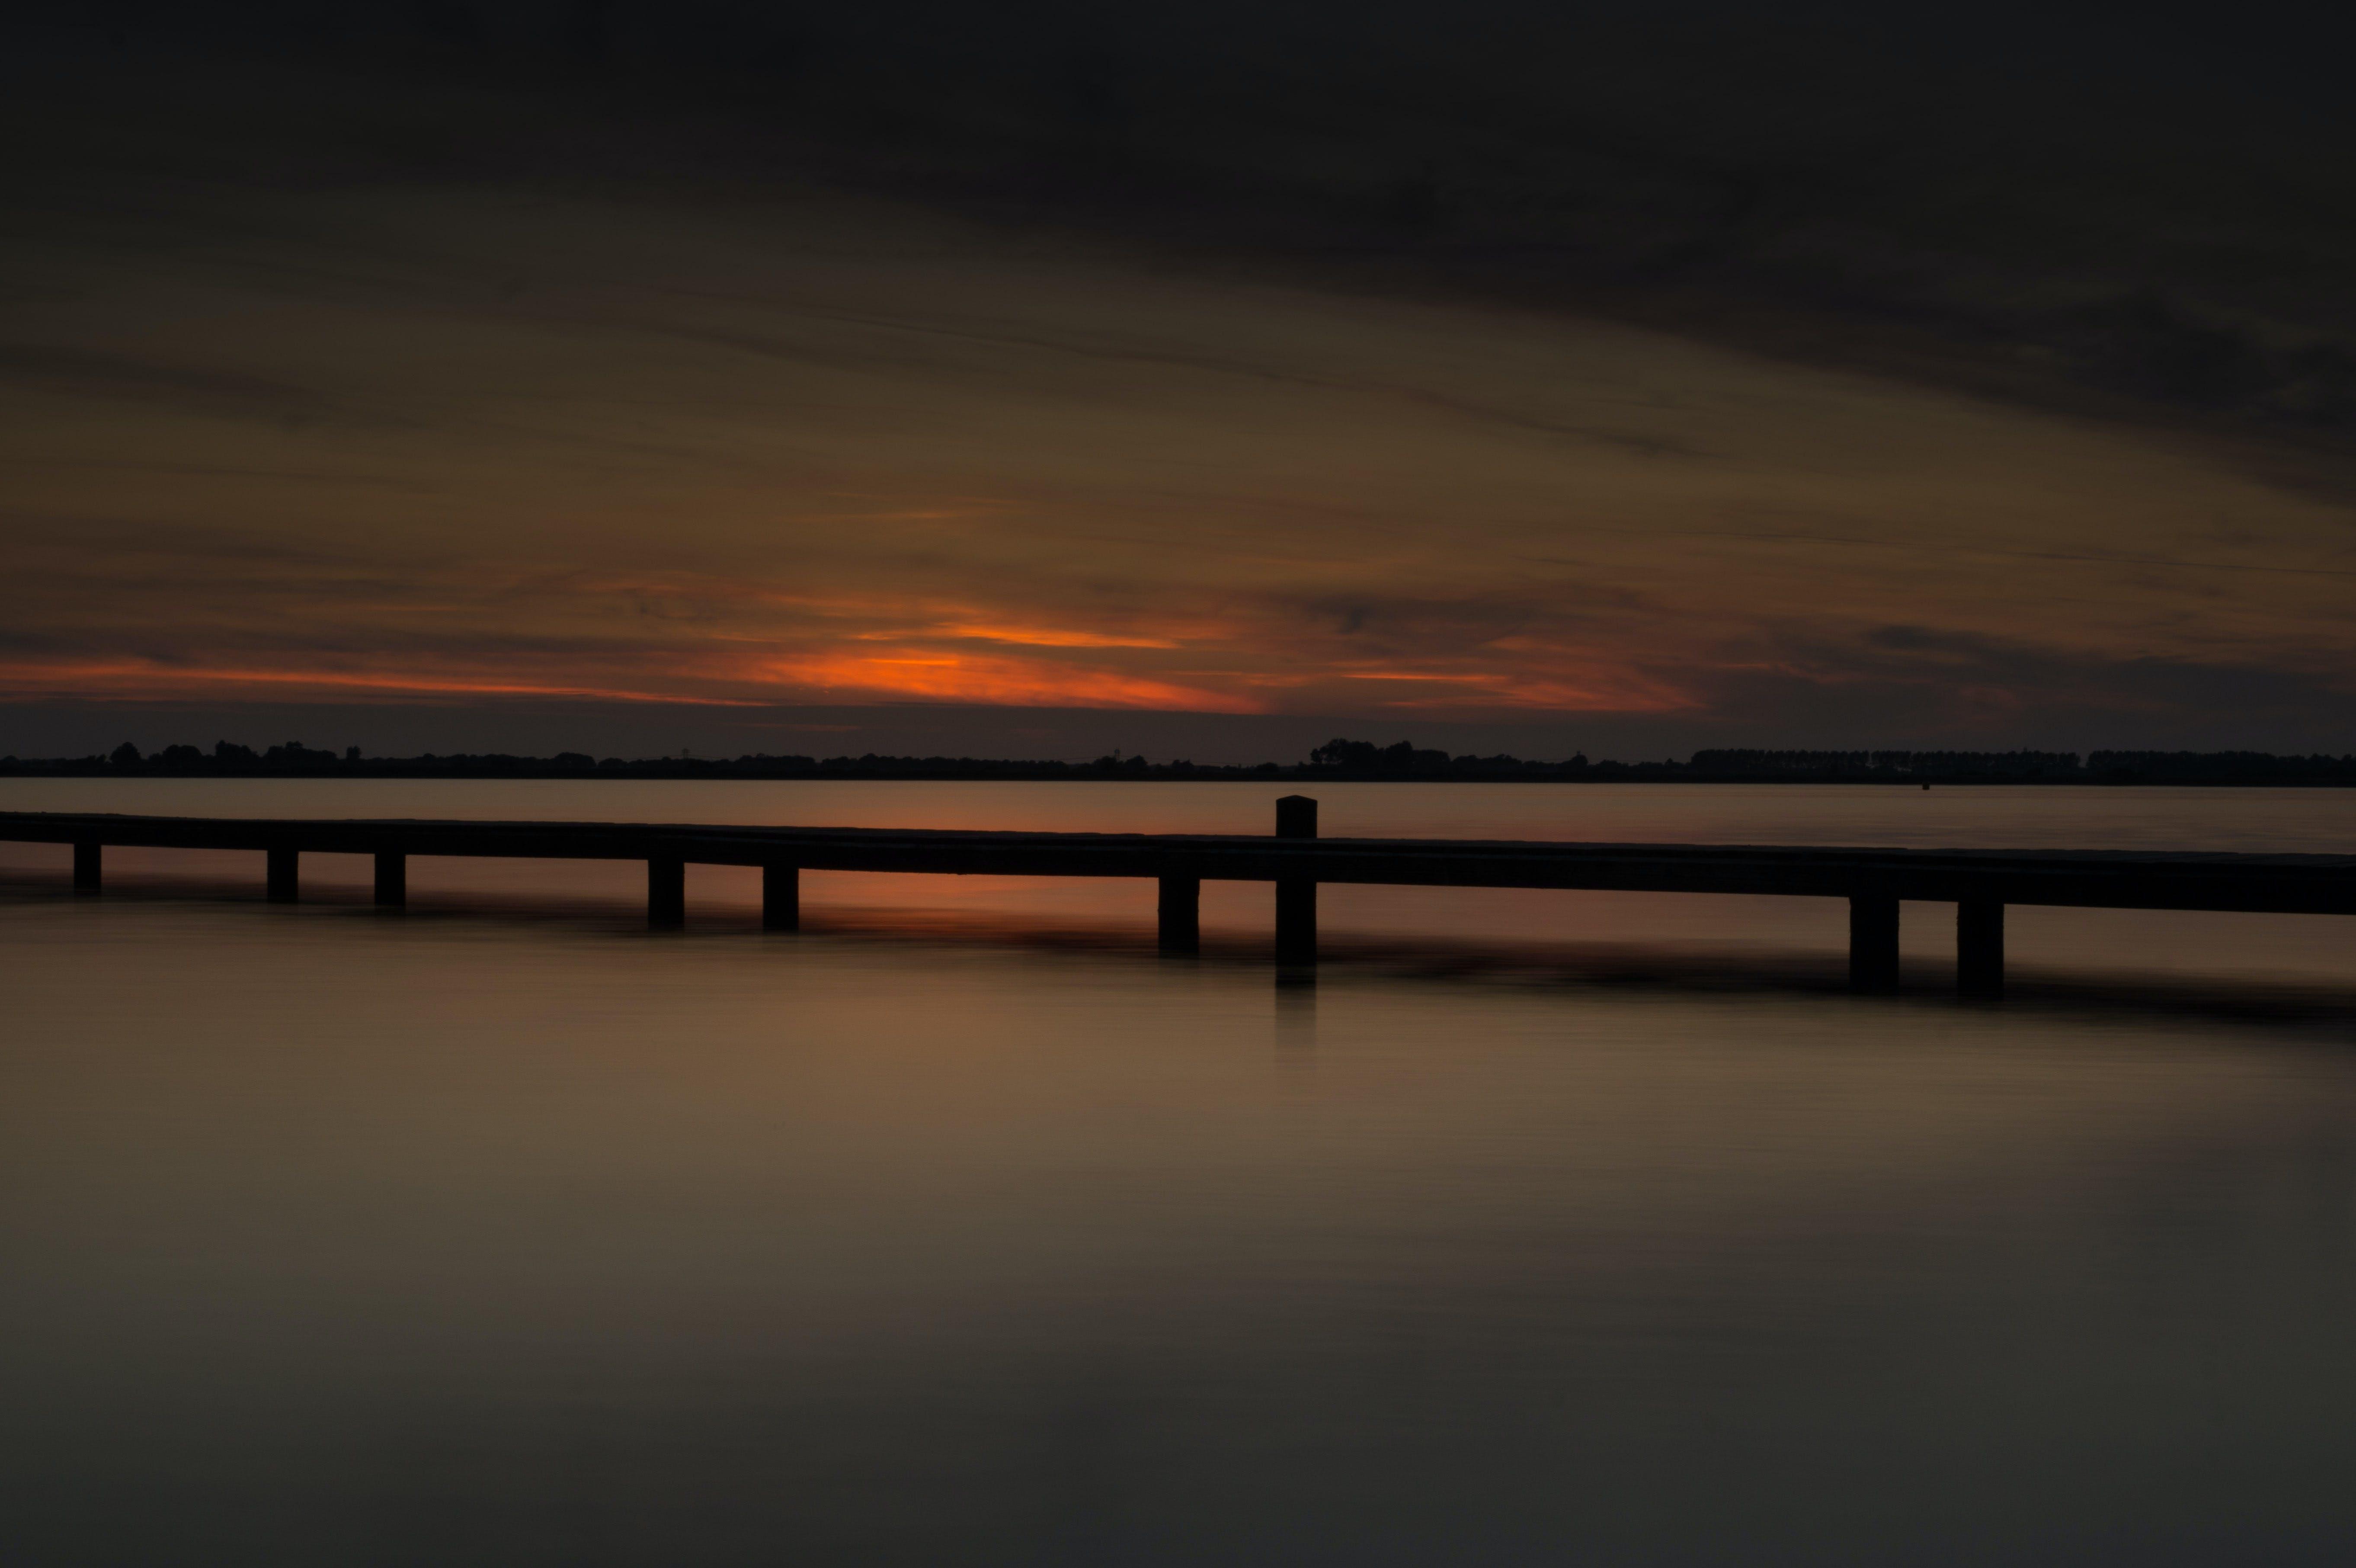 Free stock photo of sea, sunset, long-exposure, dusk